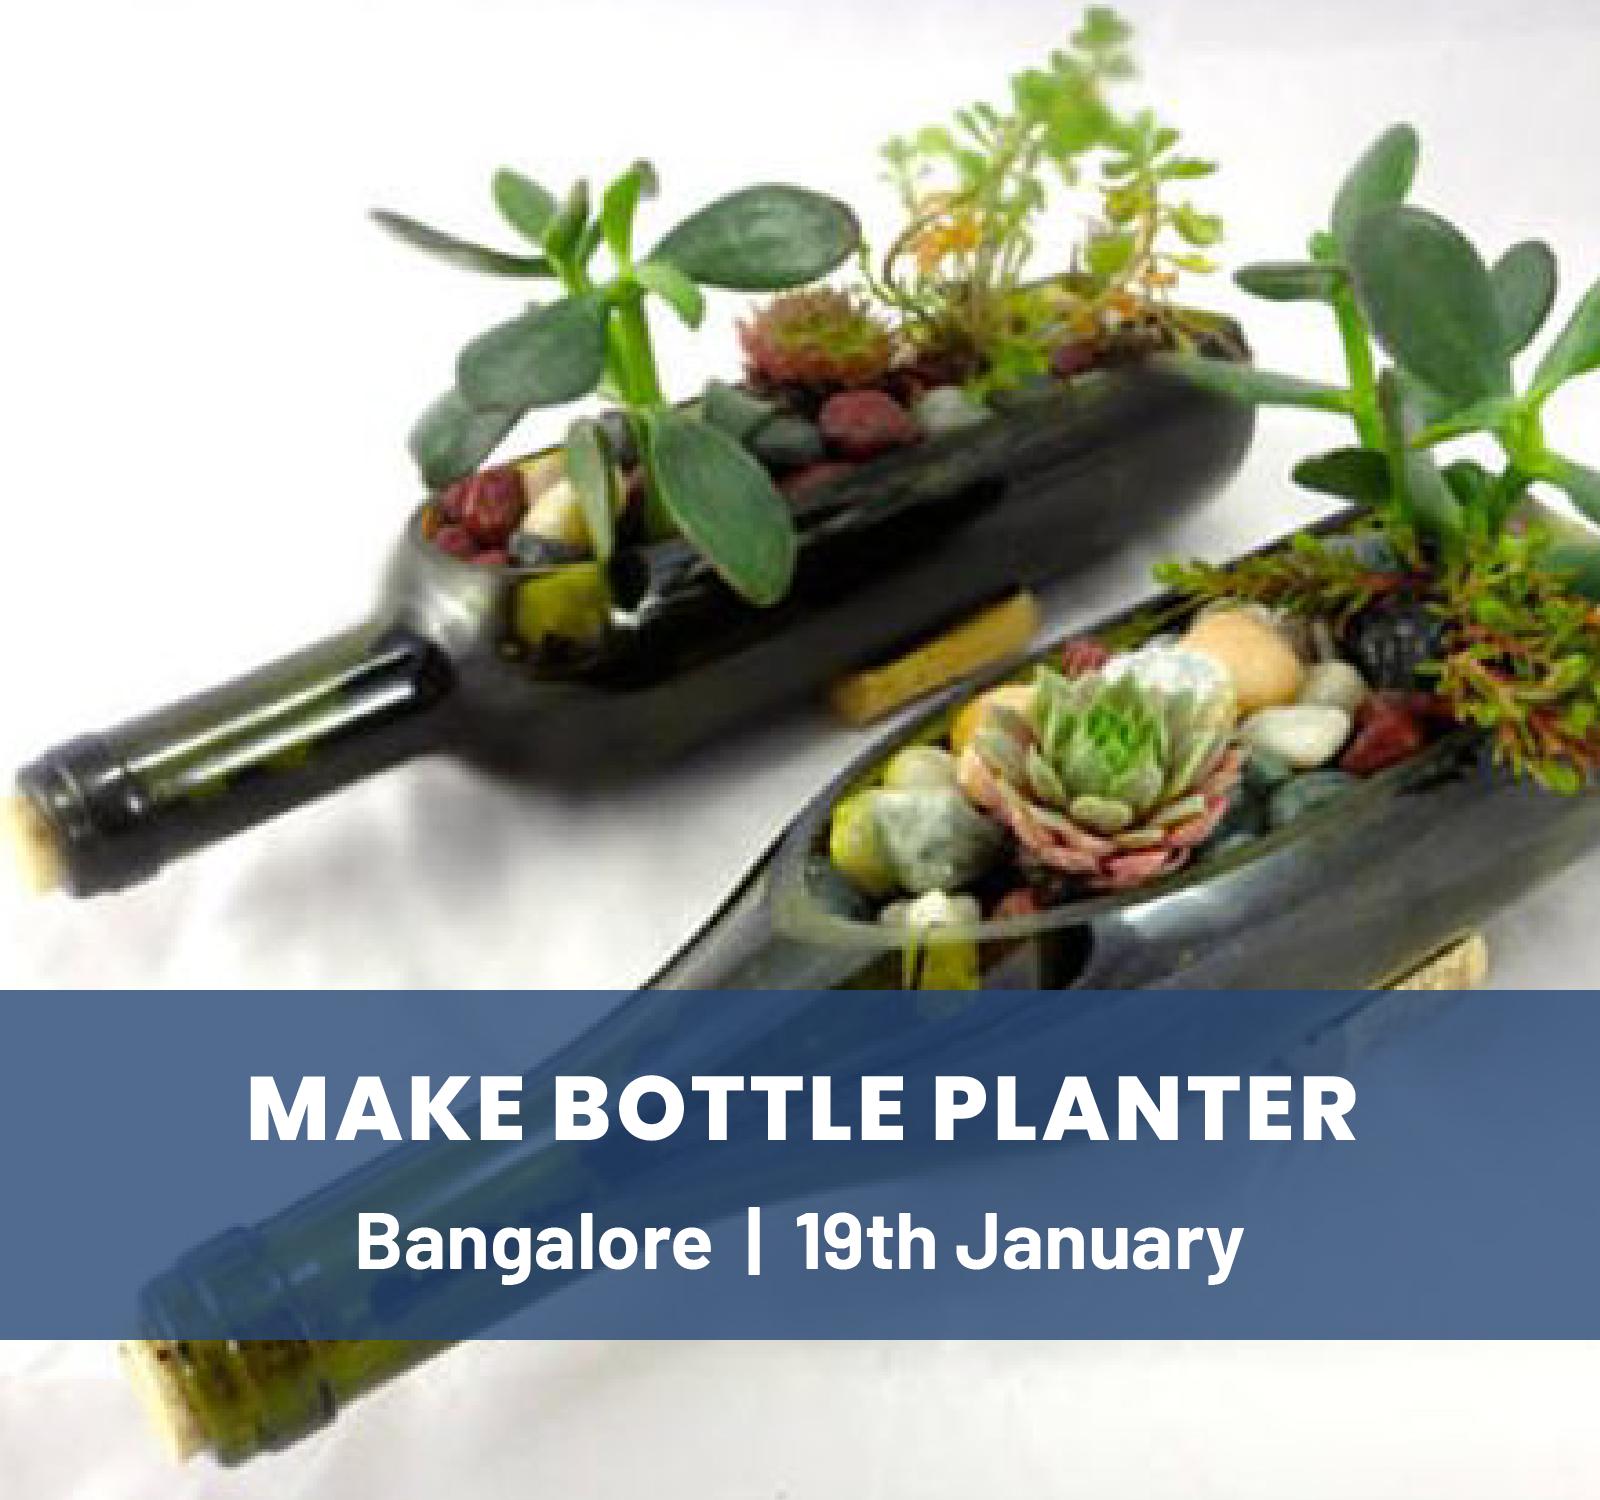 Bottle Planter Making Workshop